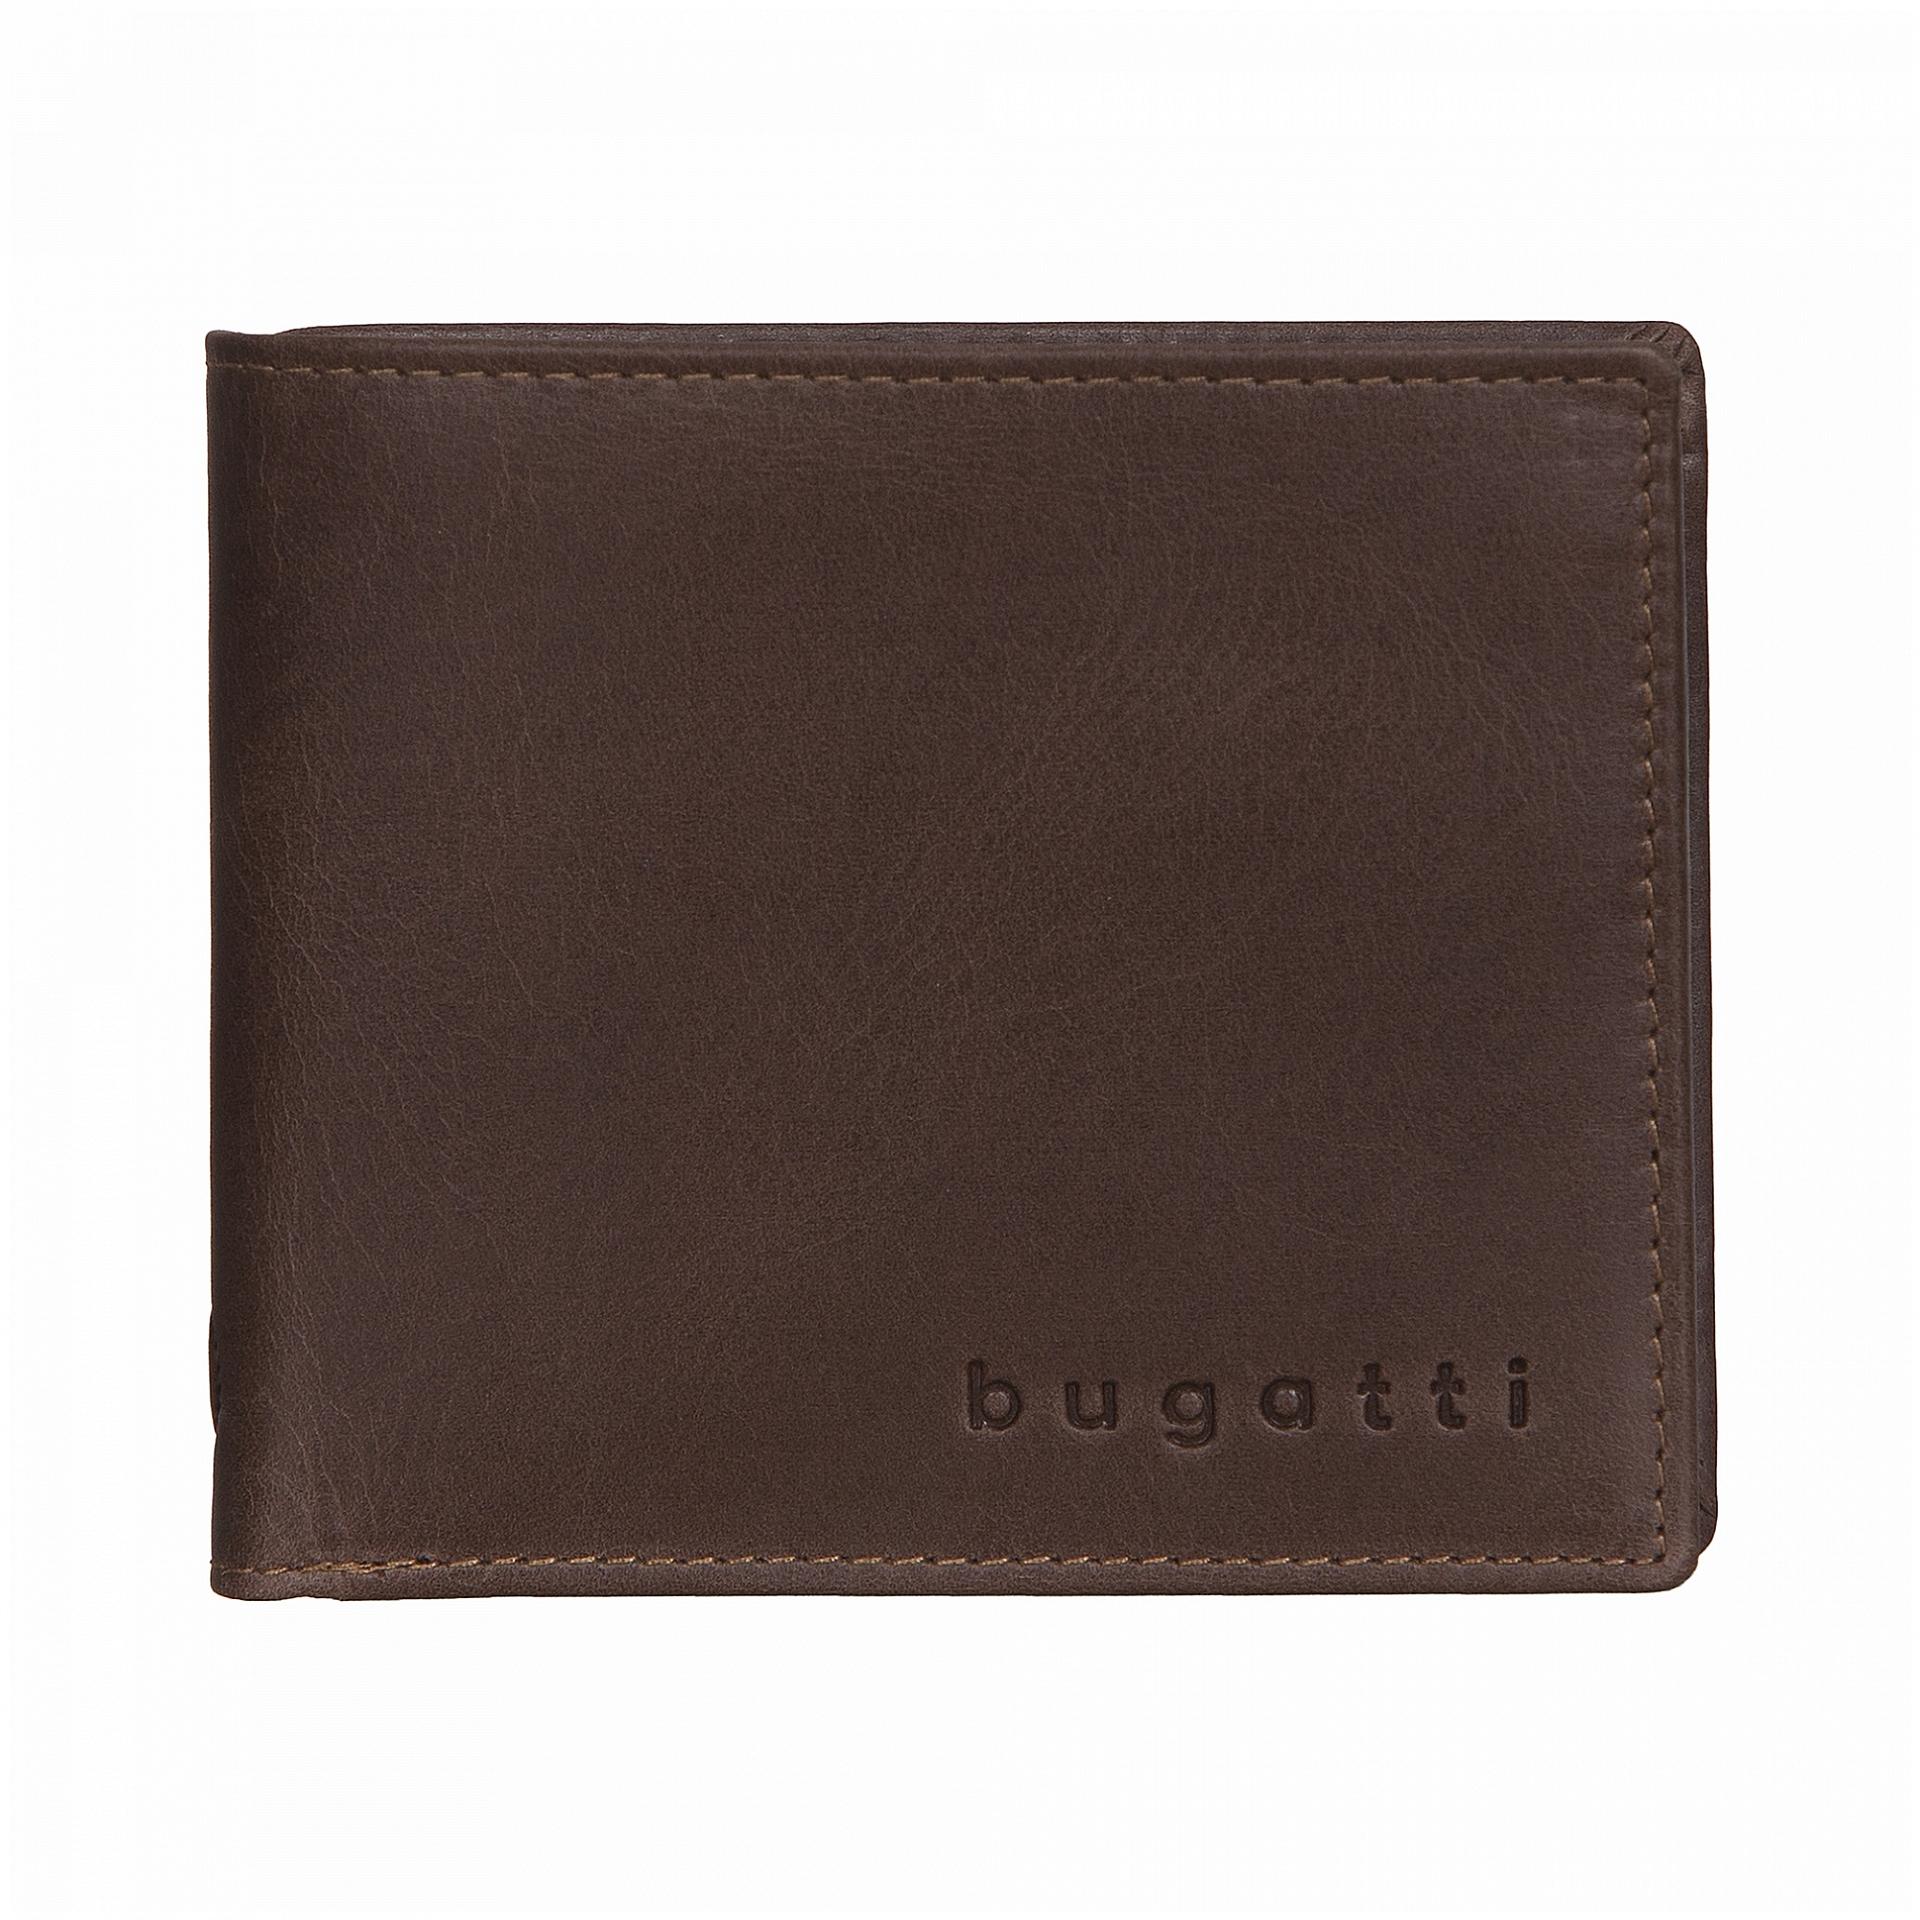 Bugatti Pánská kožená peněženka VOLO 49218202 hnědá